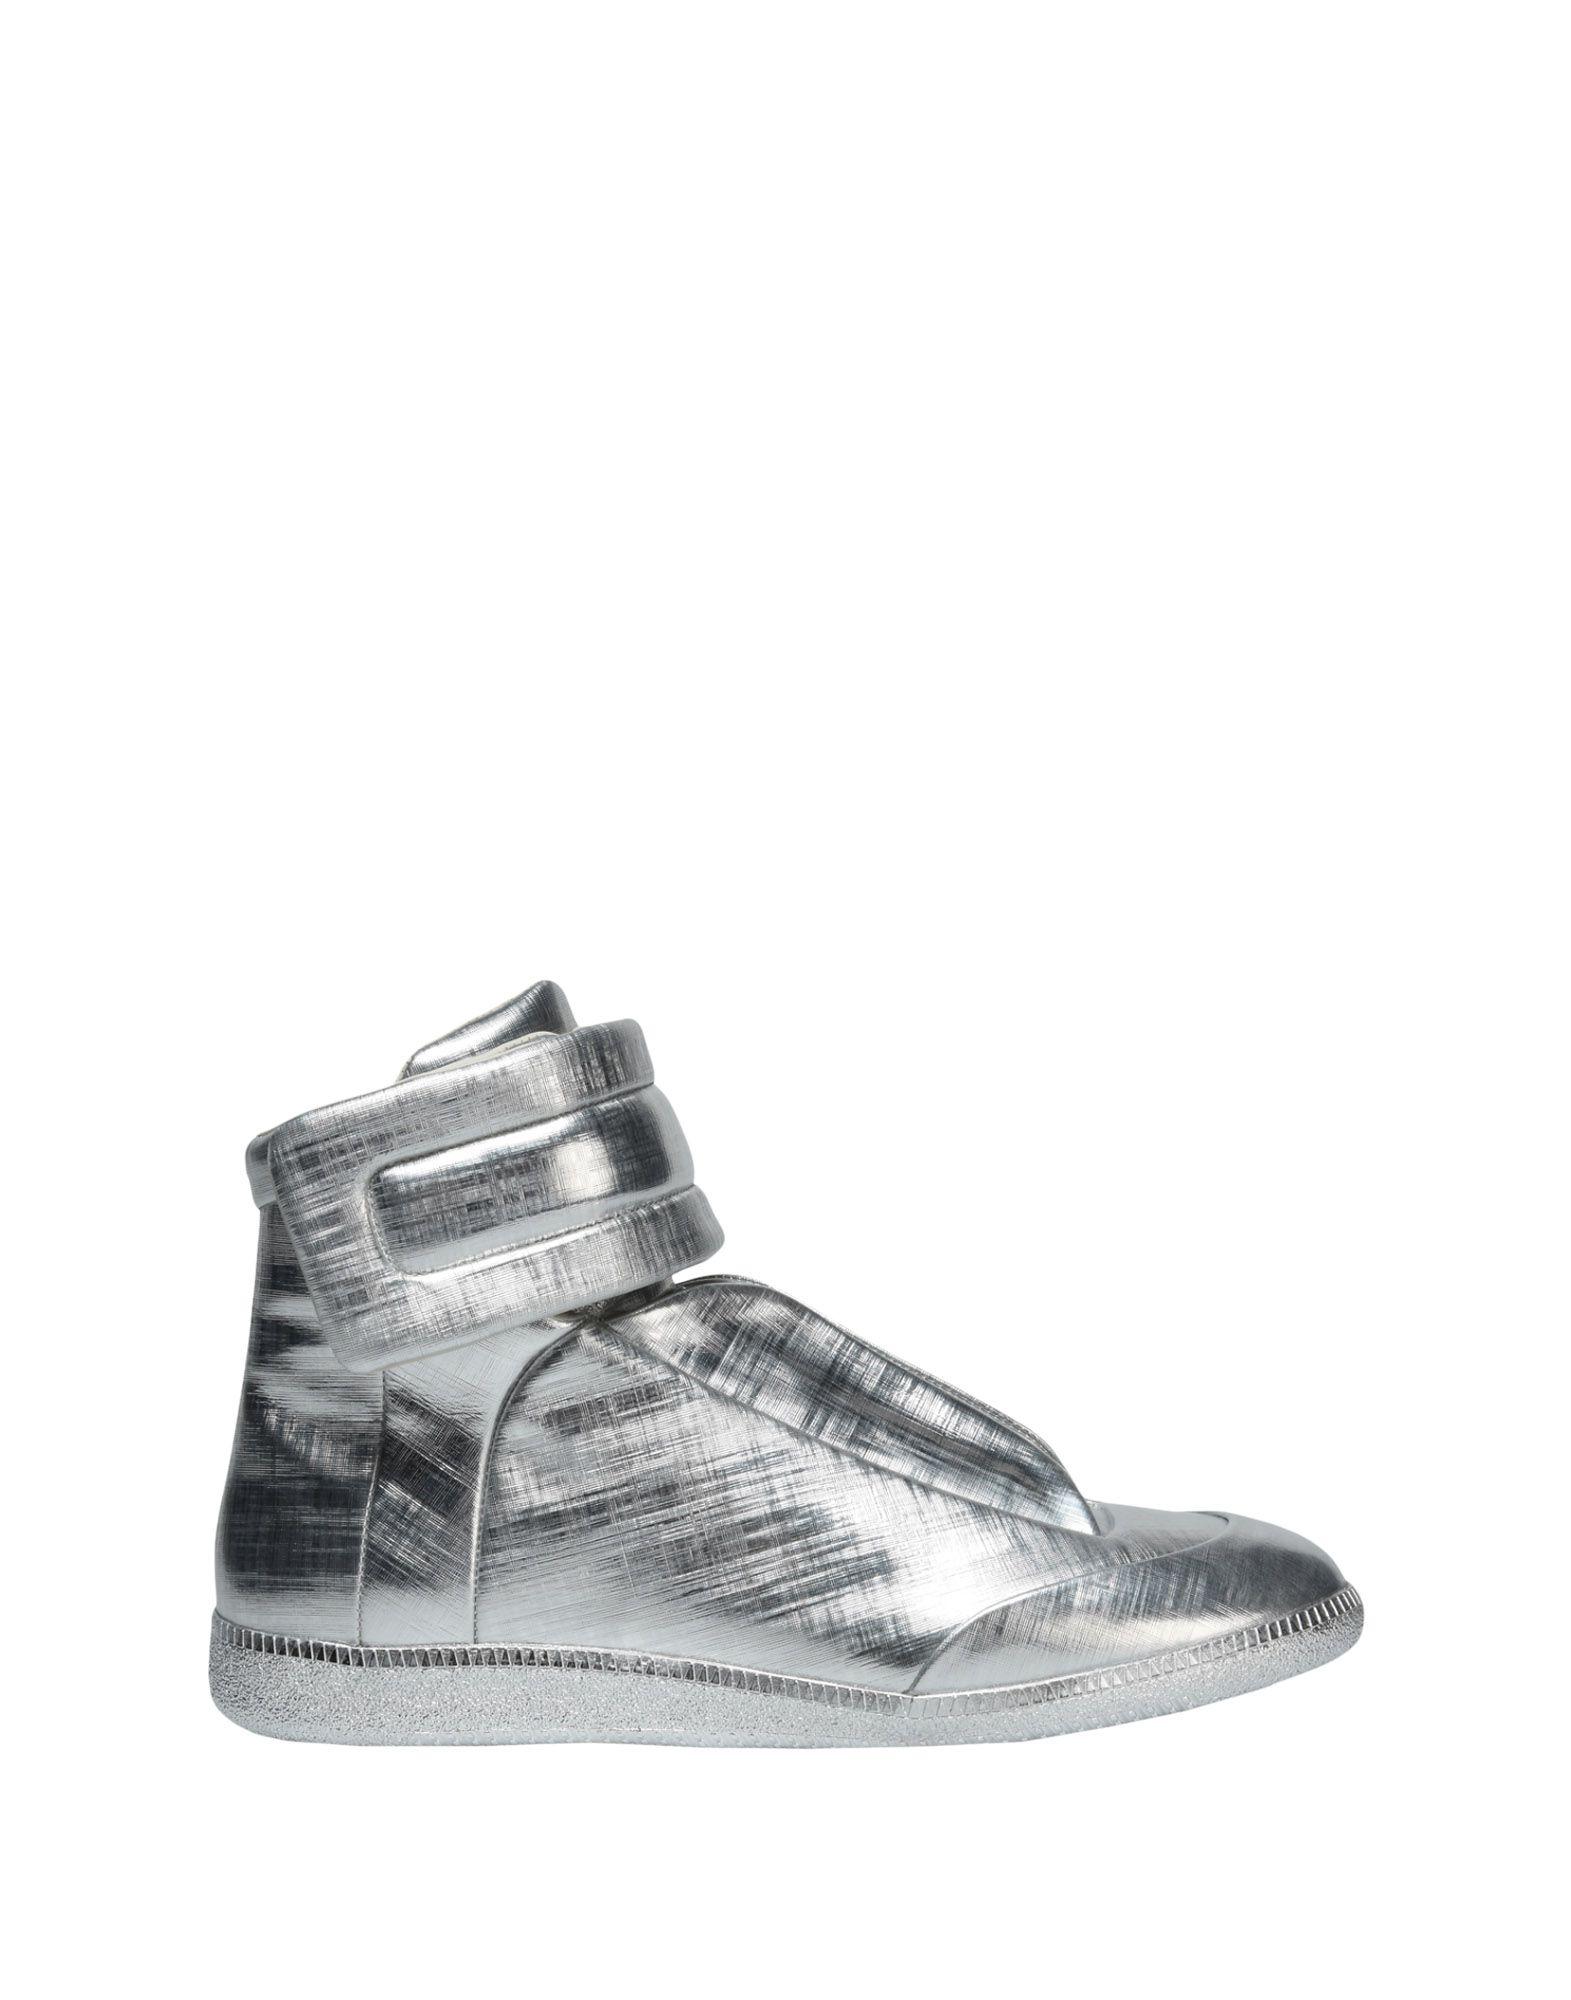 Maison Margiela  Sneakers Herren  Margiela 11315017AP 6d0582